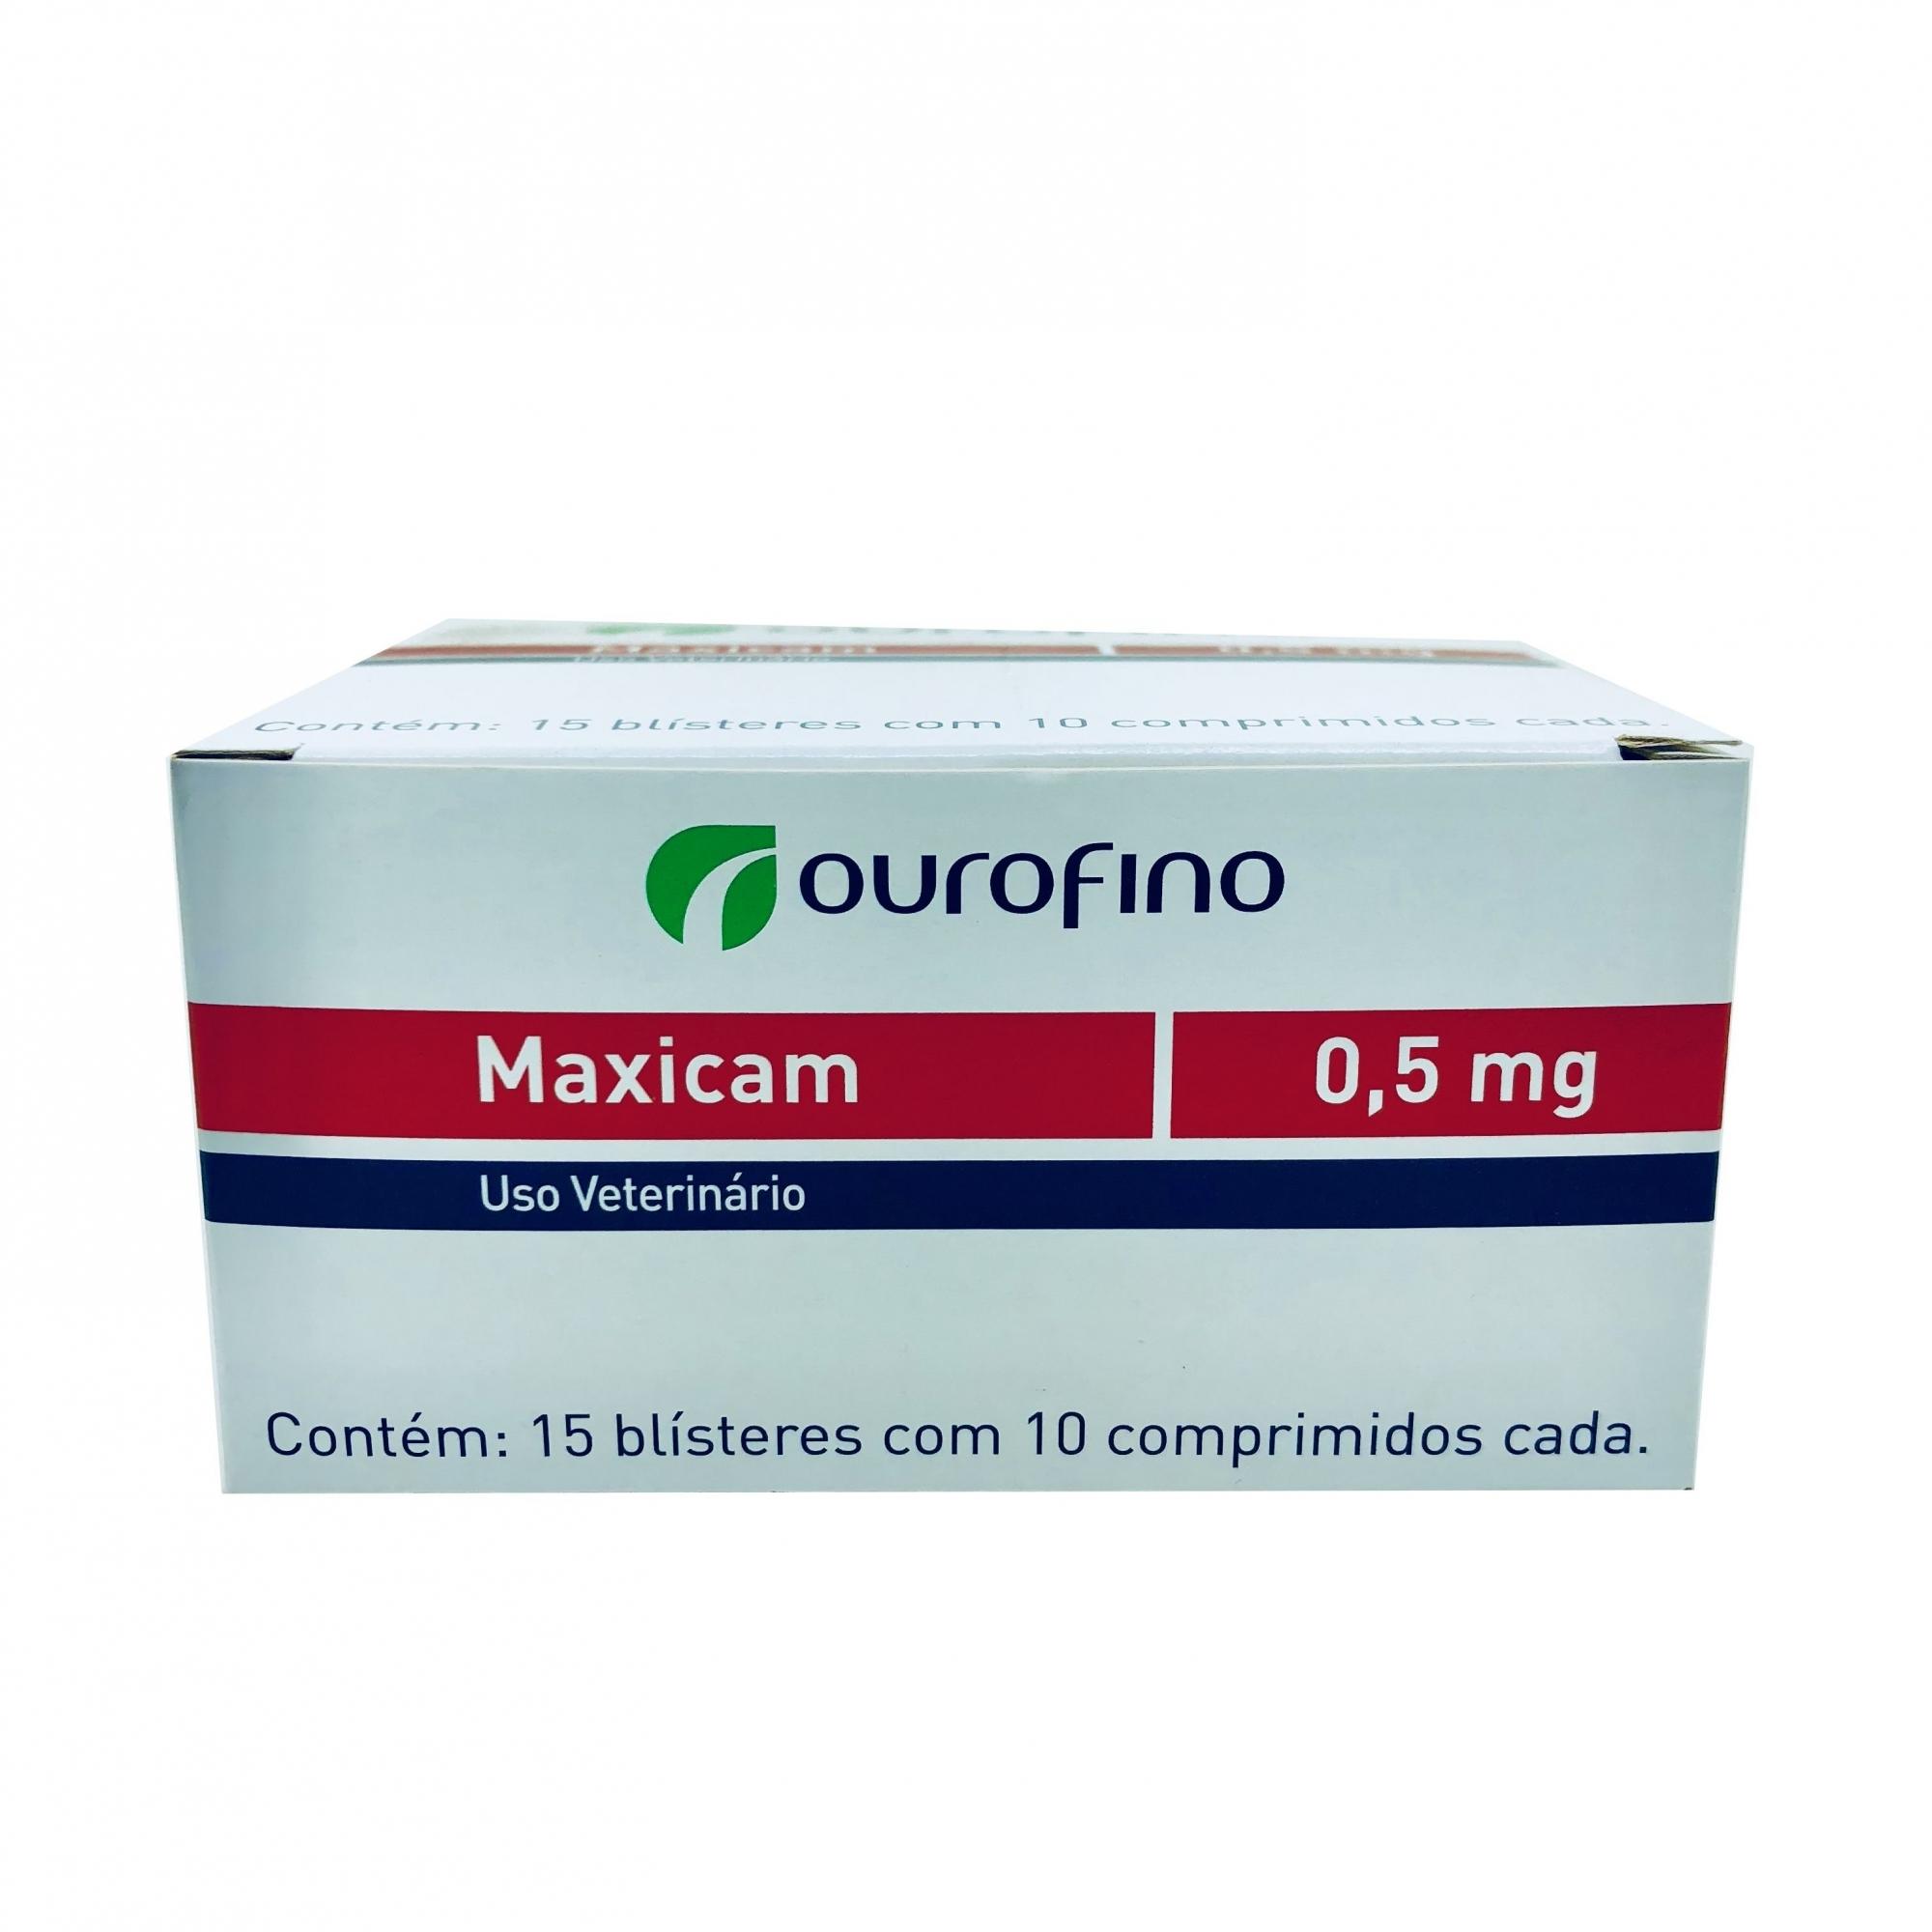 Anti-inflamatório Maxicam 5 mg Ourofino - 10 Comprimidos